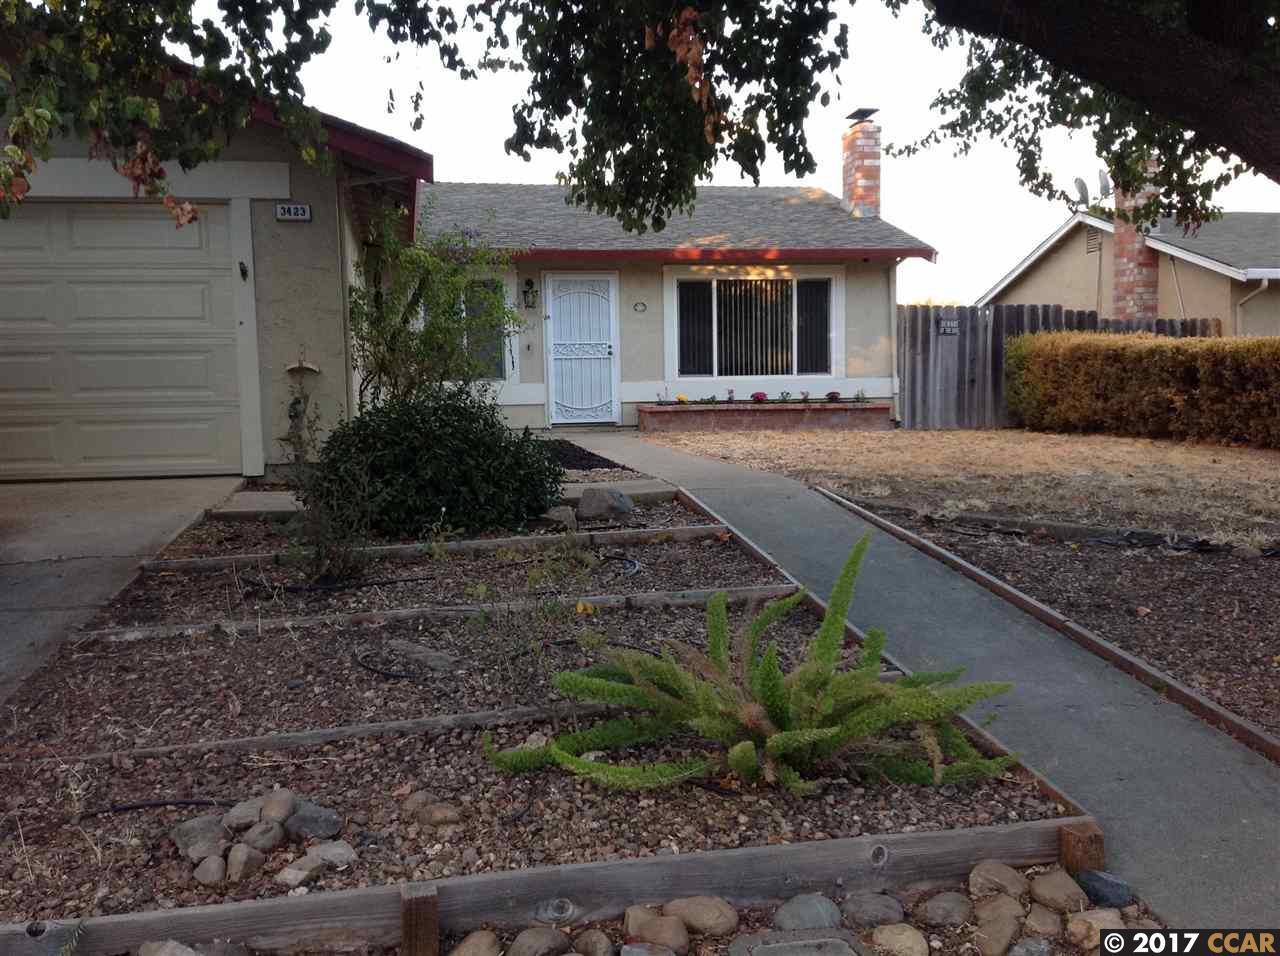 Частный односемейный дом для того Продажа на 3423 Dimaggio Way 3423 Dimaggio Way Antioch, Калифорния 94509 Соединенные Штаты